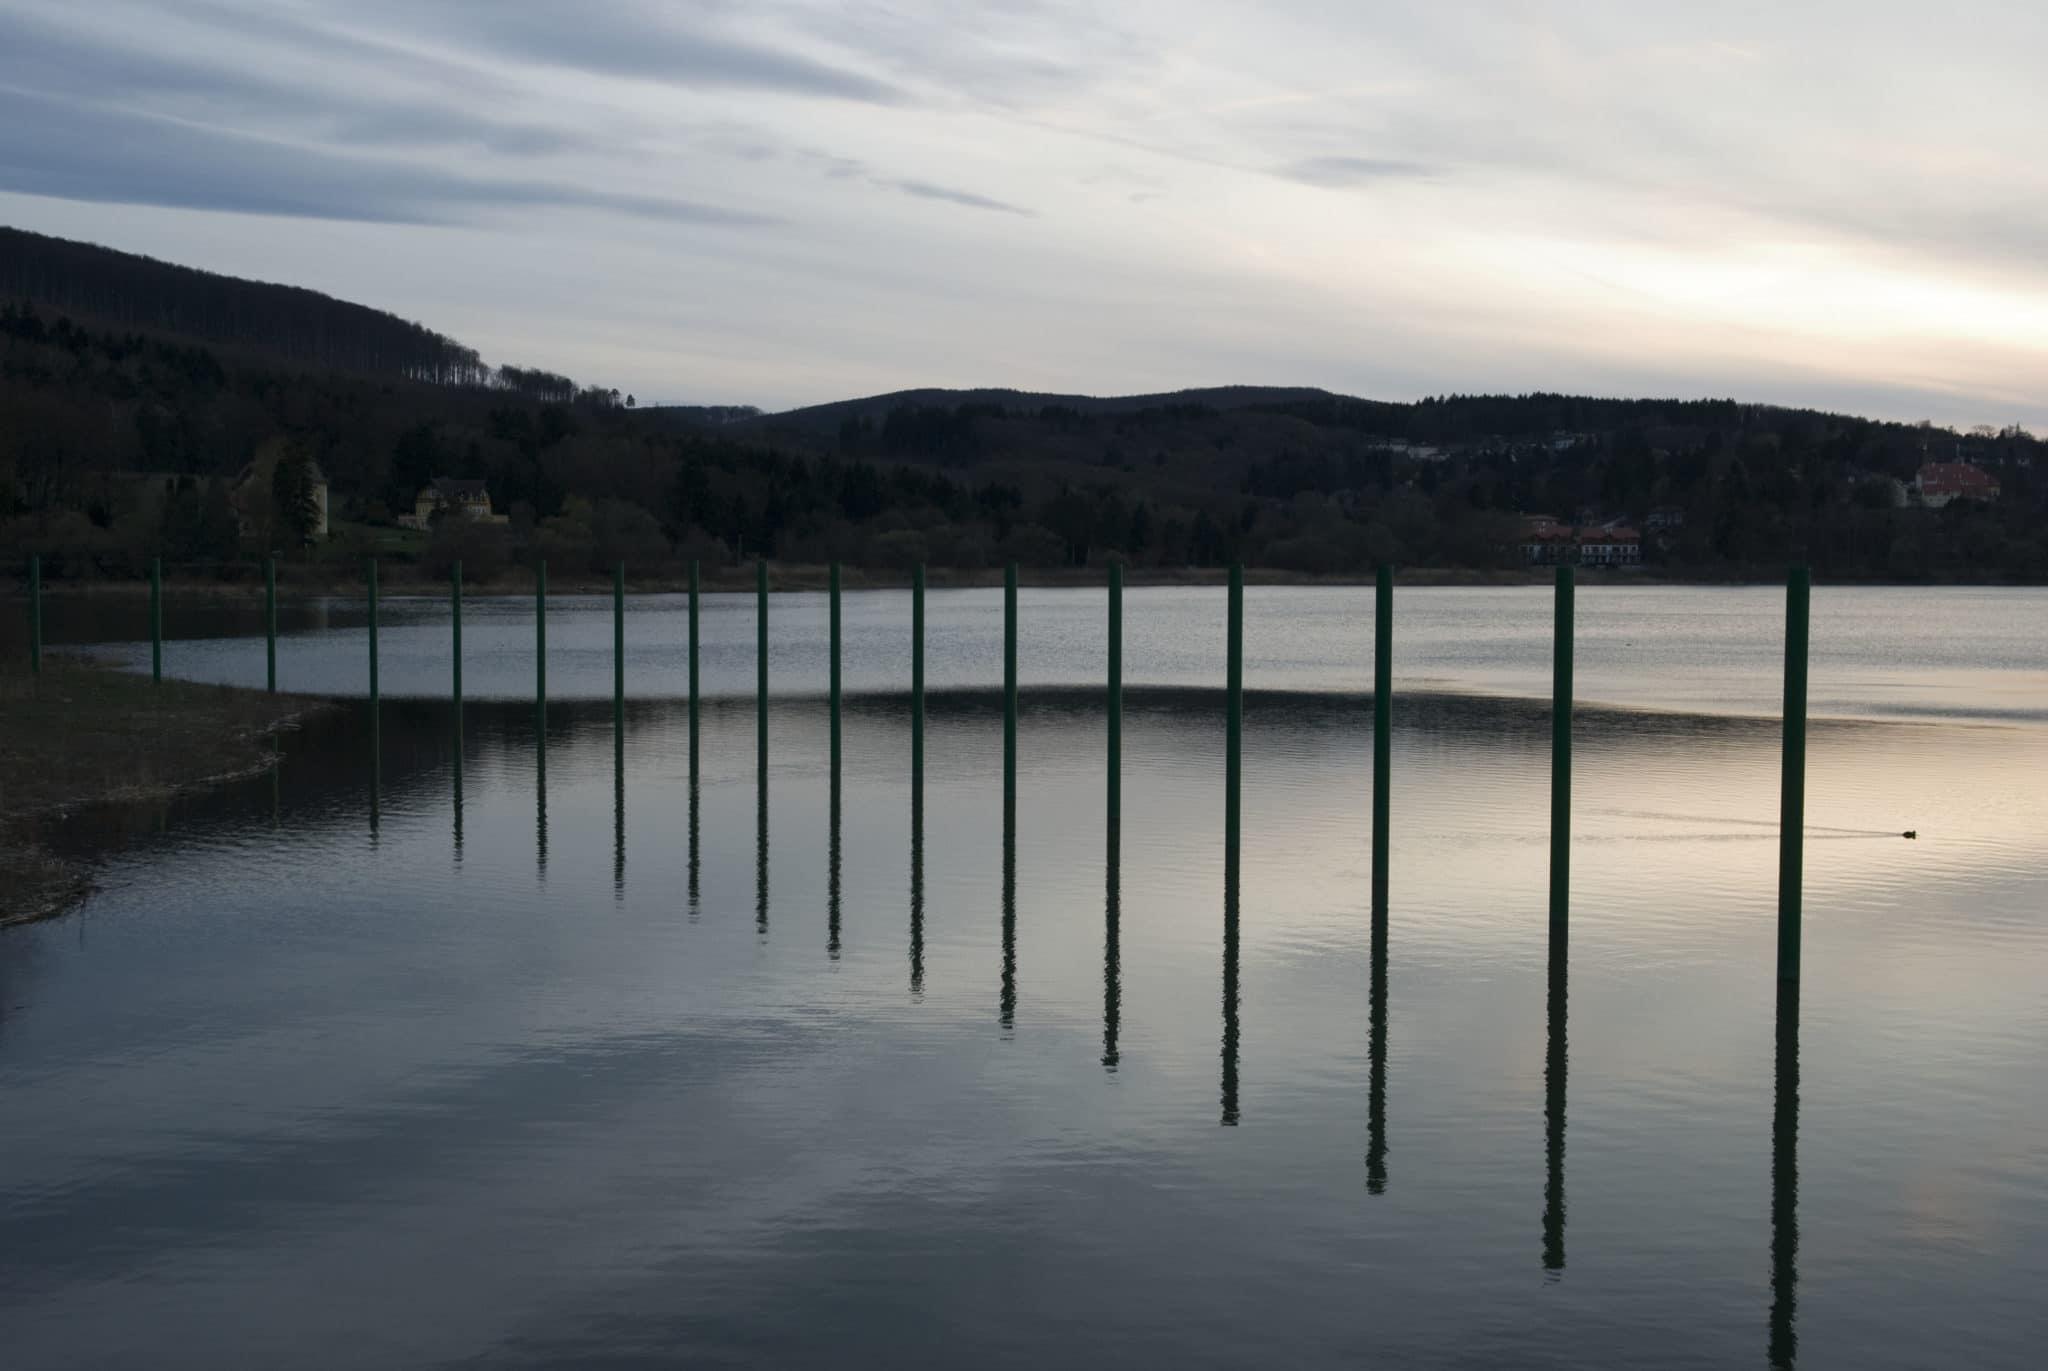 Der Wienerwaldsee in der Abenddämmerung